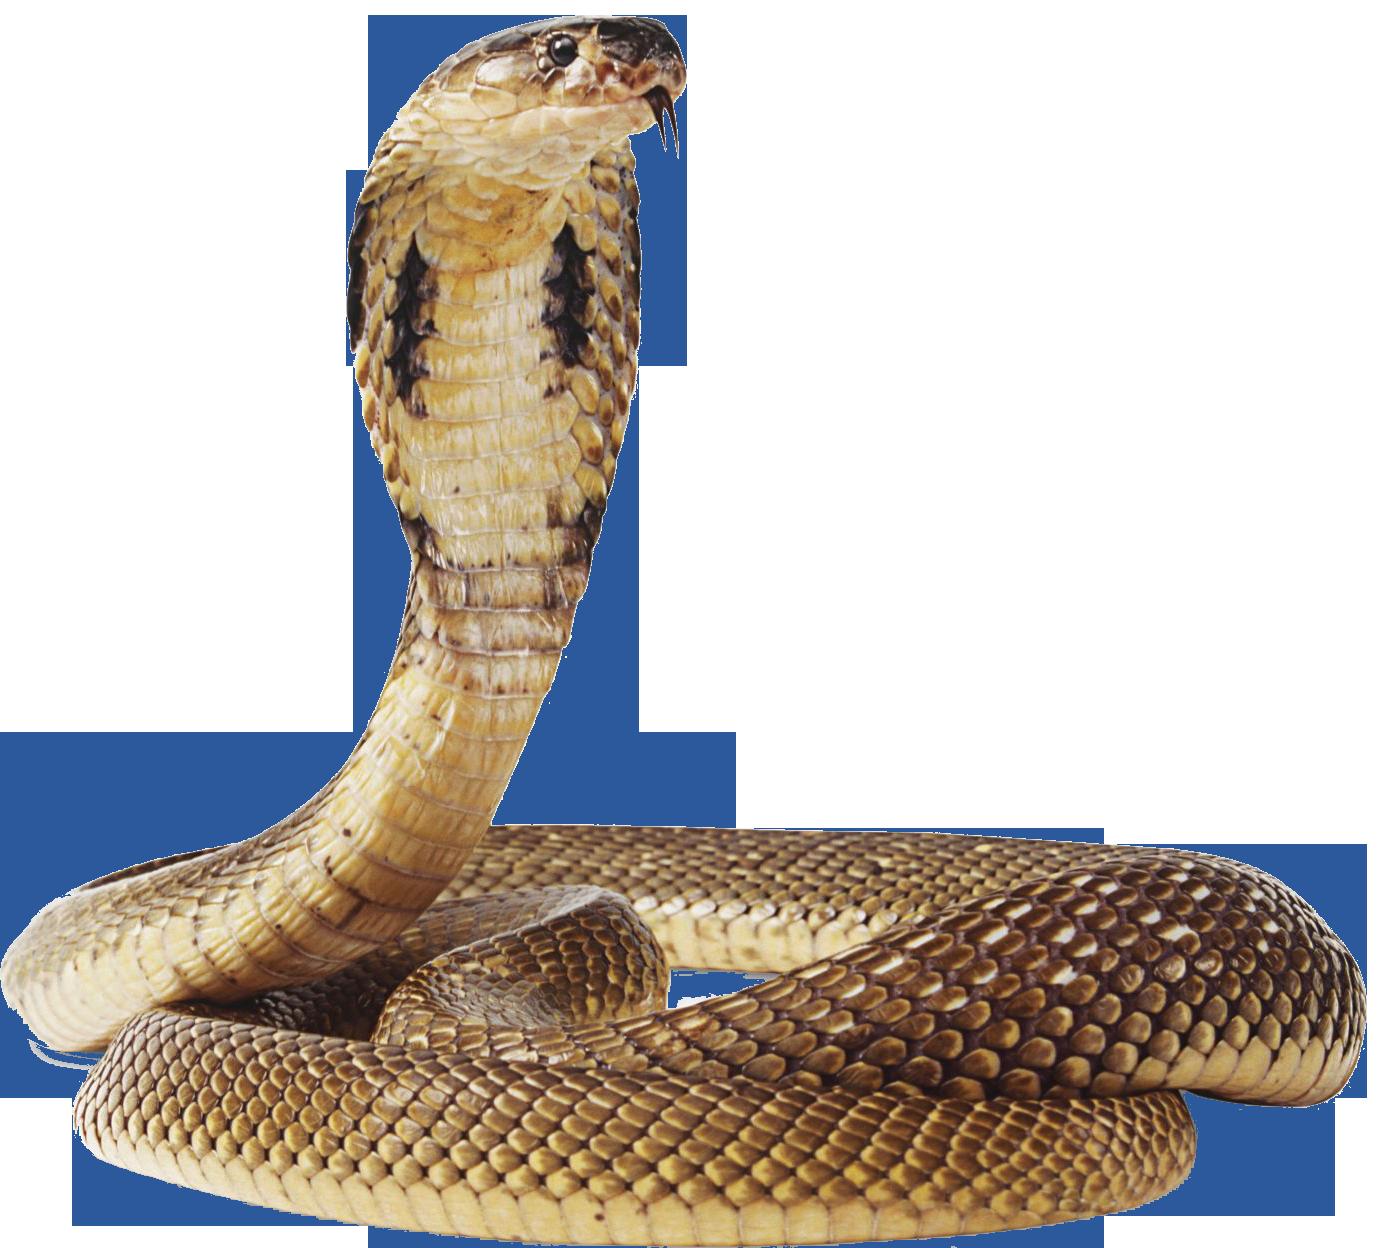 Rattlesnake PNG - 19728